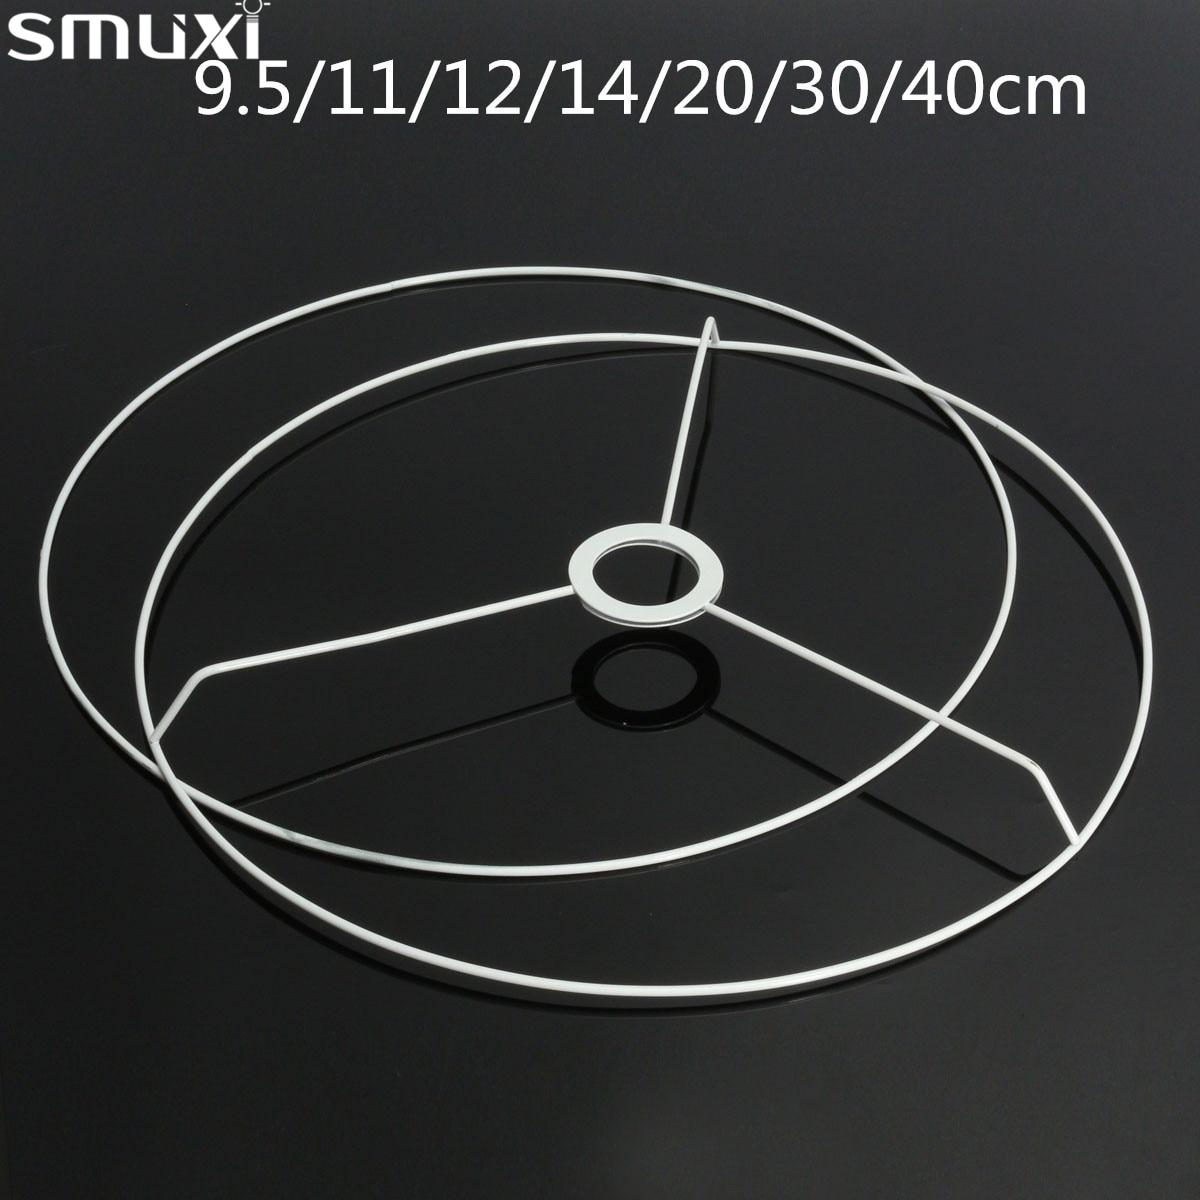 Smuxi Circular Lampshade Frame Ring 11/12/14/20/30/40cm Diameter Lamp Light Shade DIY Making Kit Set E27 Lampshade Frame